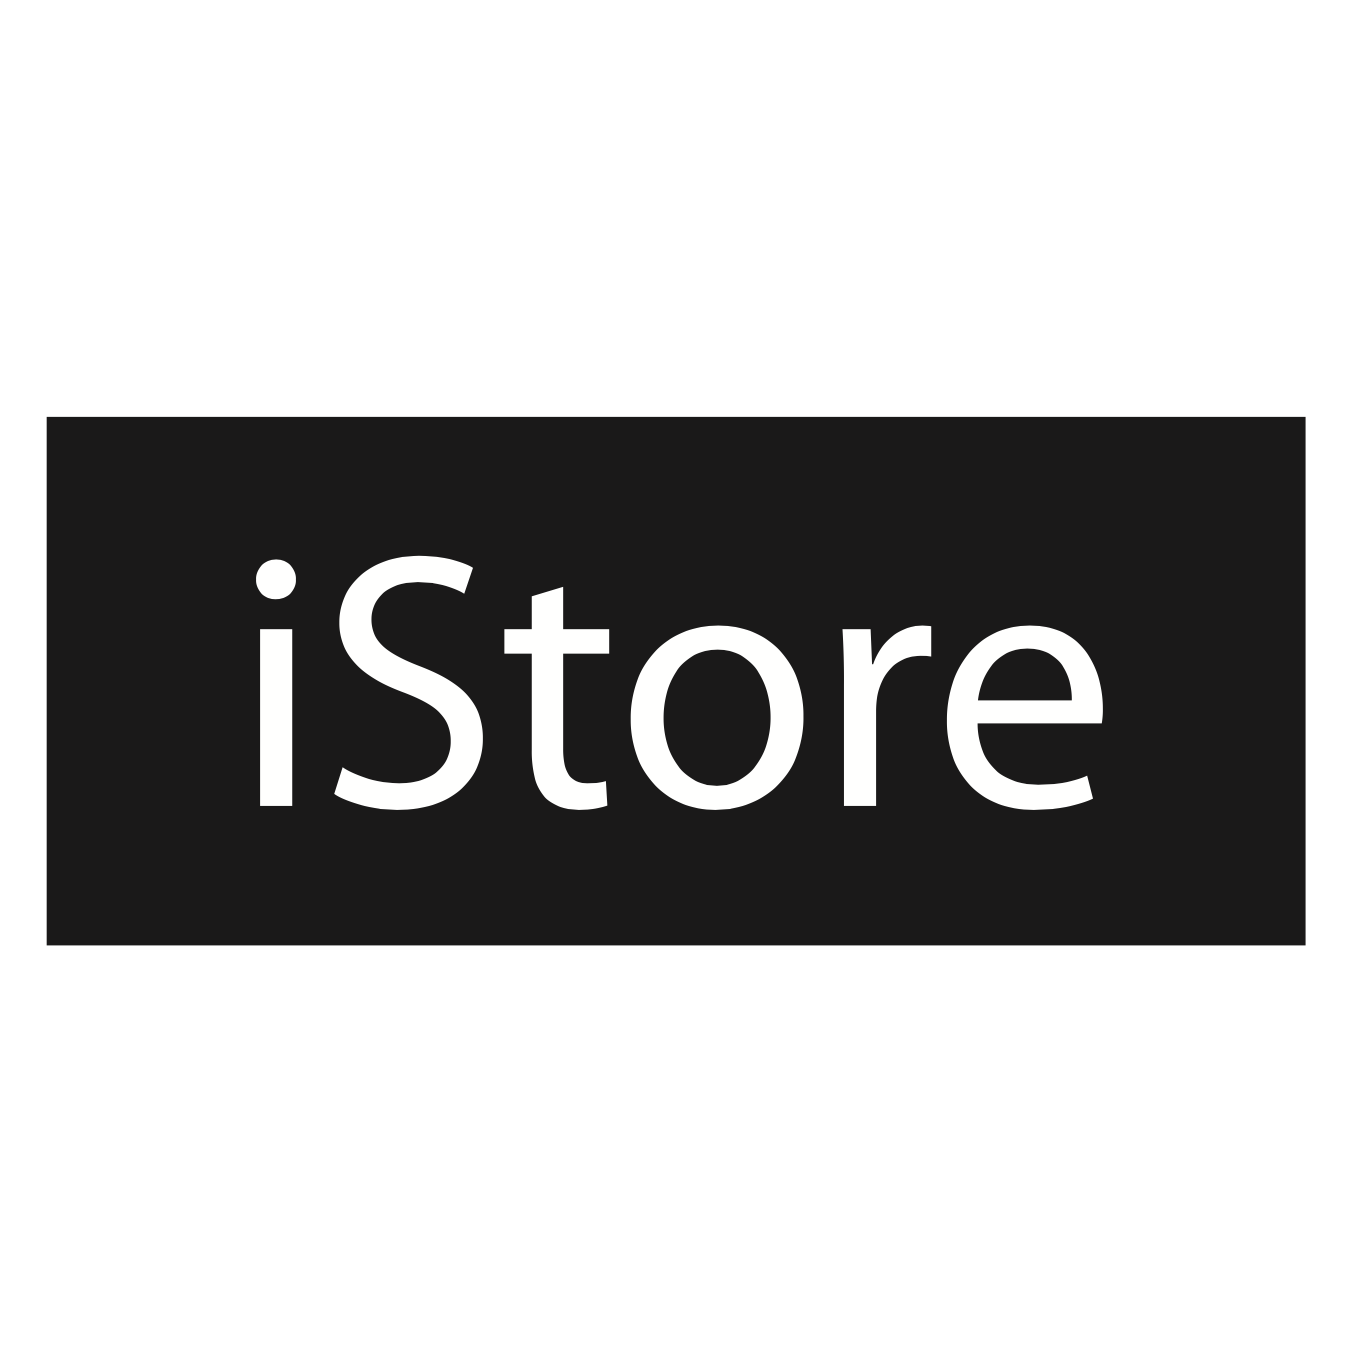 iPhone / iPad mini HiRise - Silver